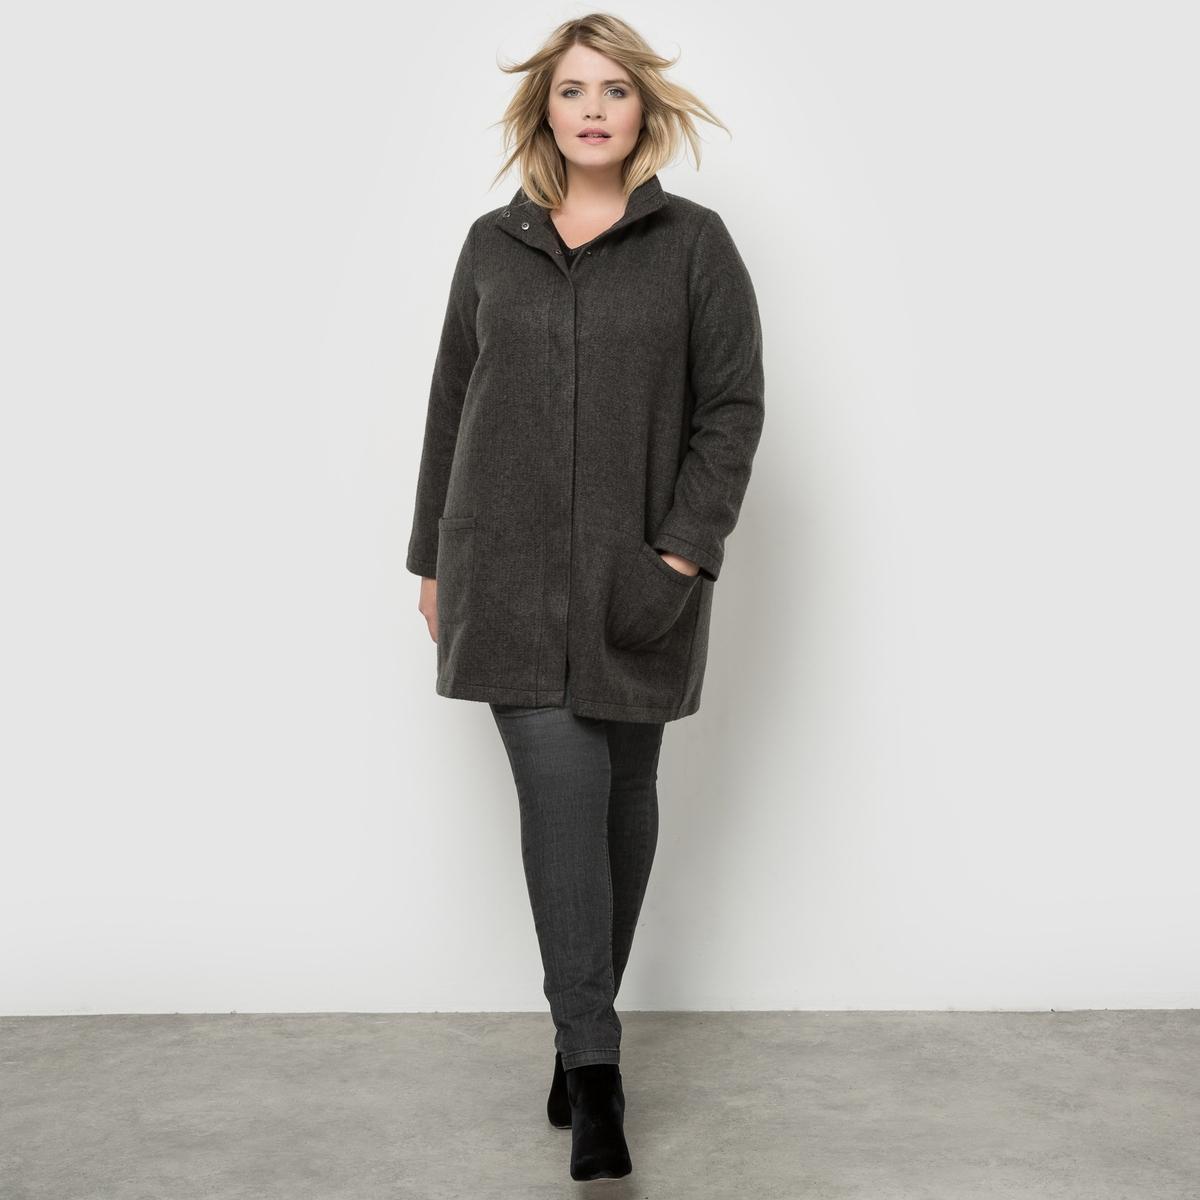 ПальтоЛегкое пальто из меланжевого трикотажа с эффектом валяния. Модный силуэт, прямой и слегка расклешенный покрой,  уютный высокий воротник. Подкладка: матовый атлас. Карманы спереди и супатная застежка на кнопки.<br><br>Цвет: серо-коричневый/каштан,серый/ черный<br>Размер: 44 (FR) - 50 (RUS).48 (FR) - 54 (RUS).52 (FR) - 58 (RUS)